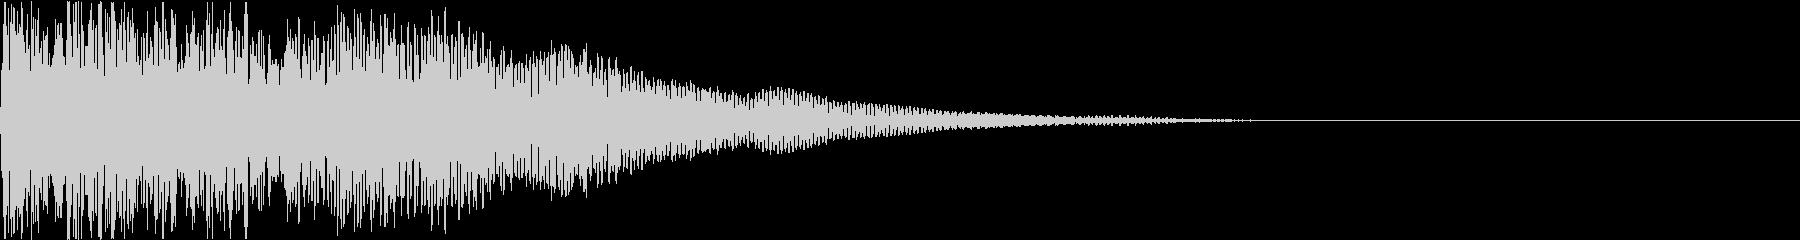 爆発 ドカーン ドーン 衝撃 機械的 8の未再生の波形